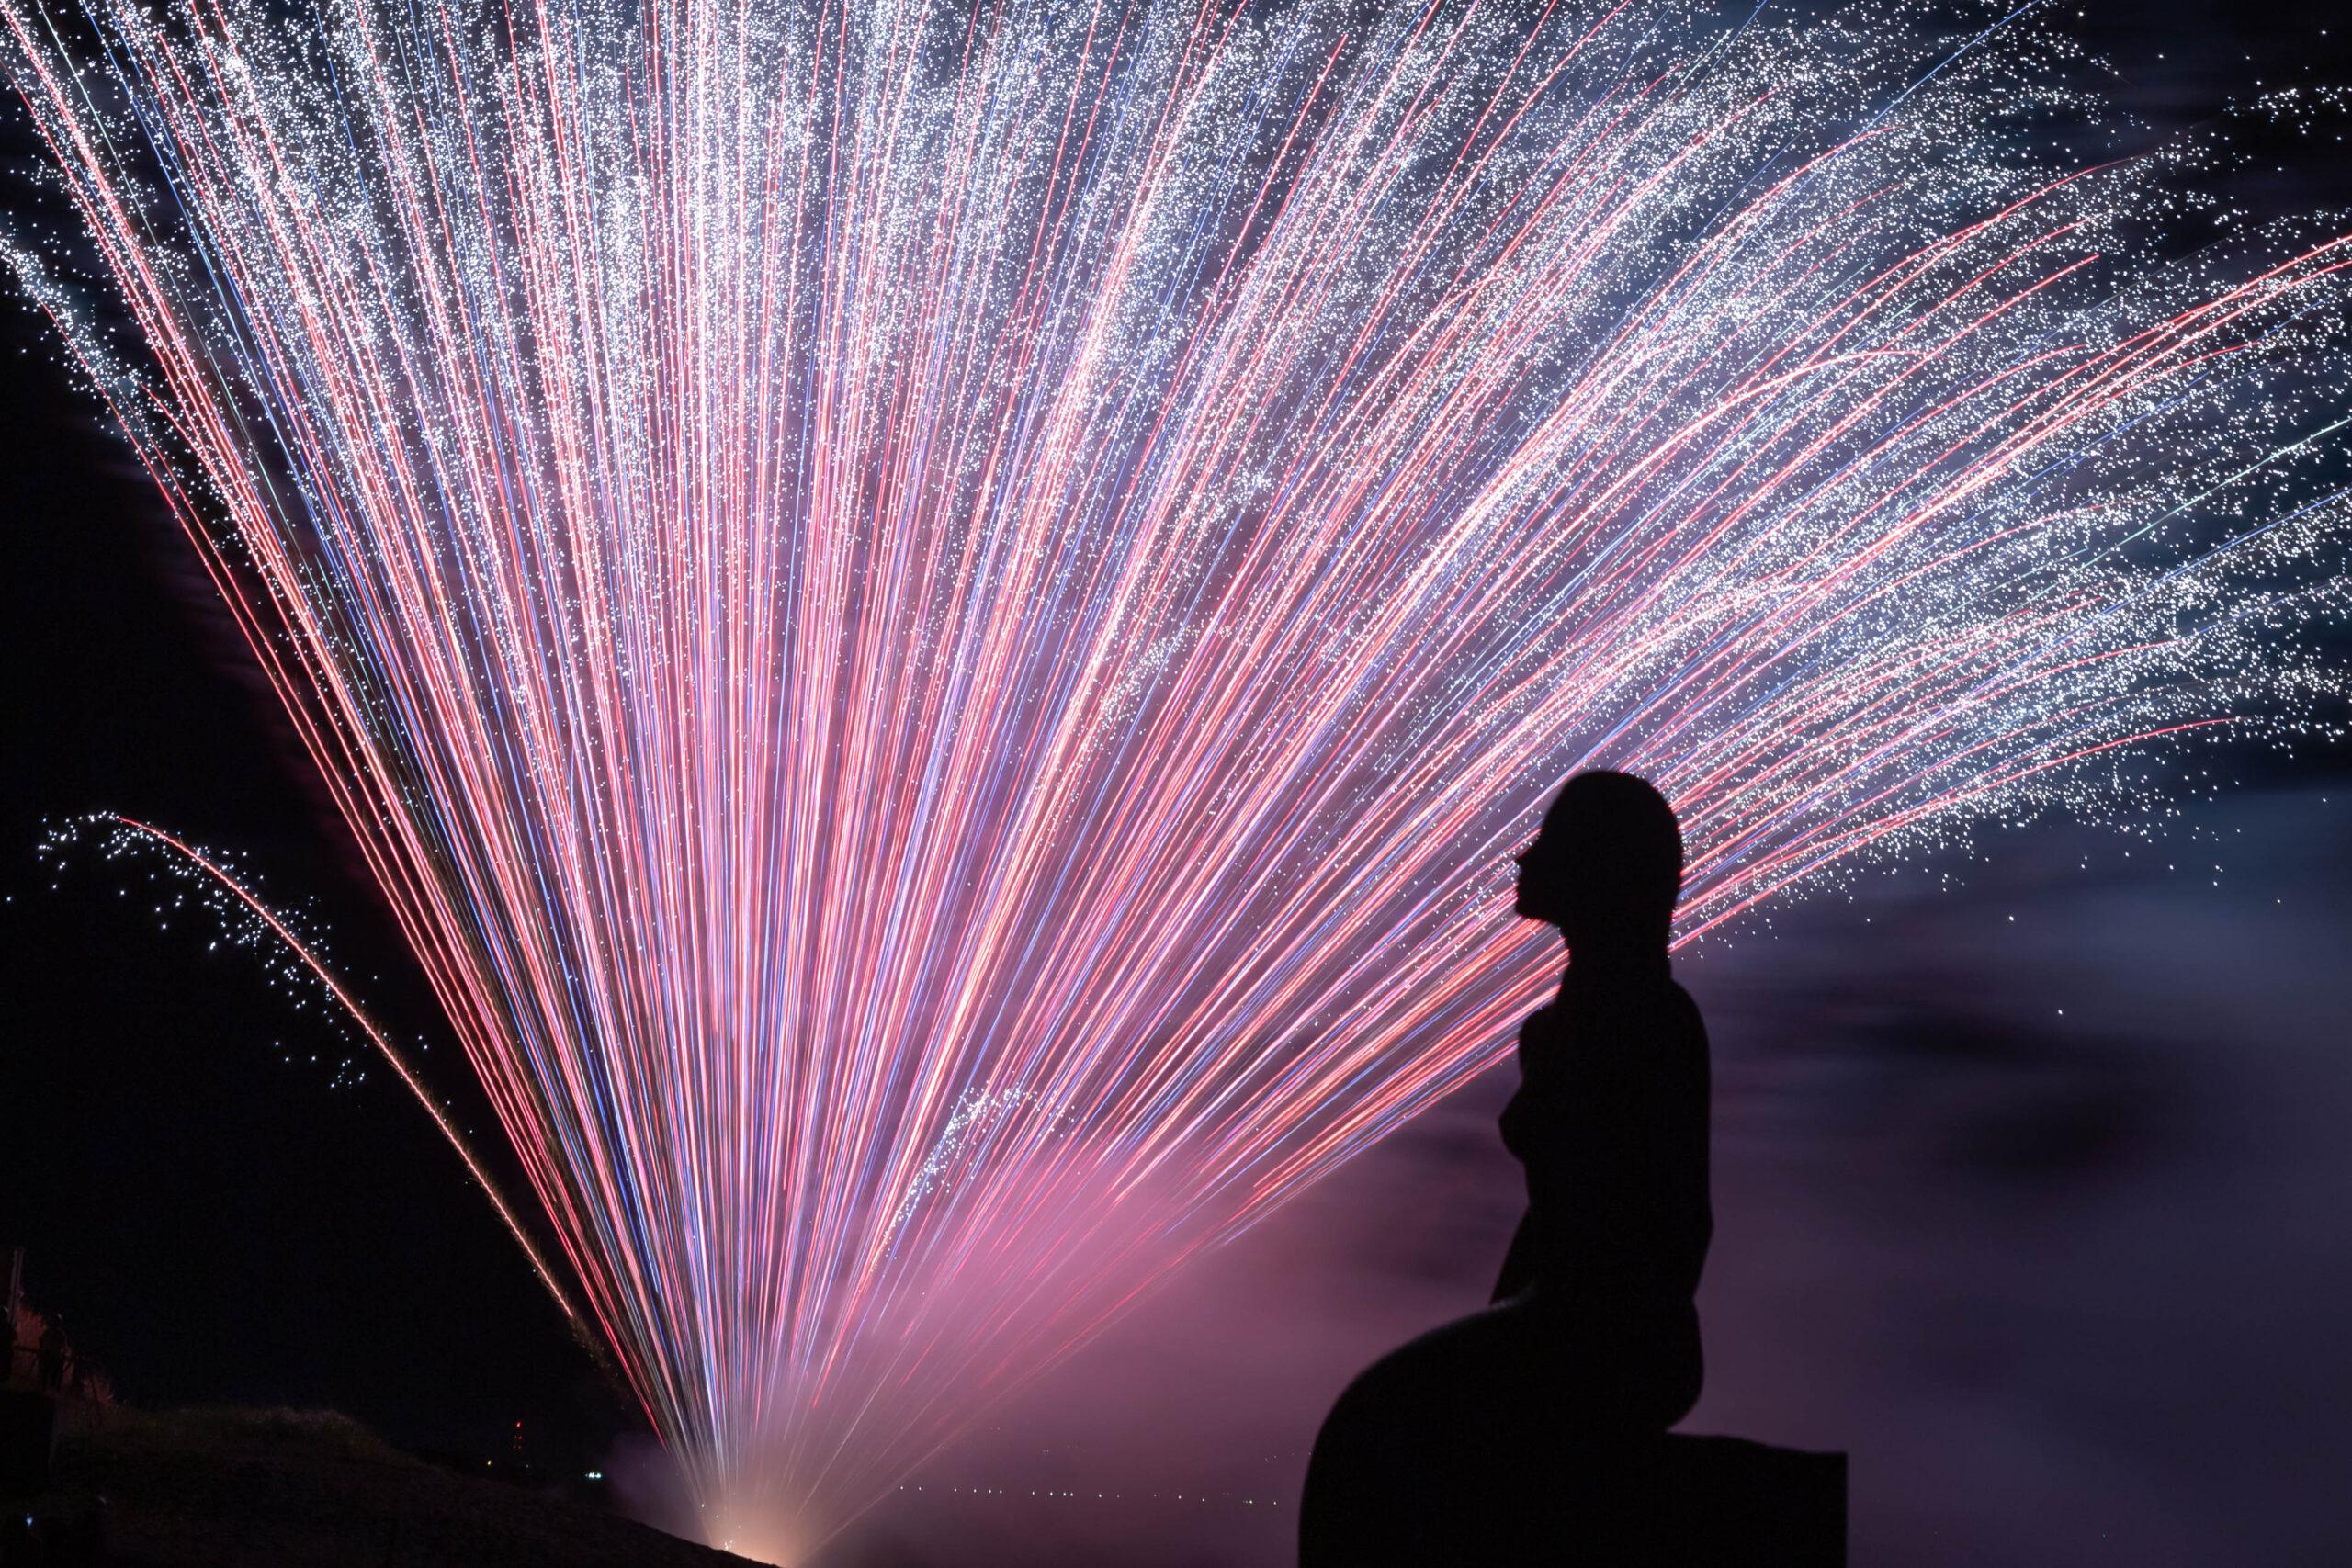 鵜の浜人魚像と打ち上げ花火